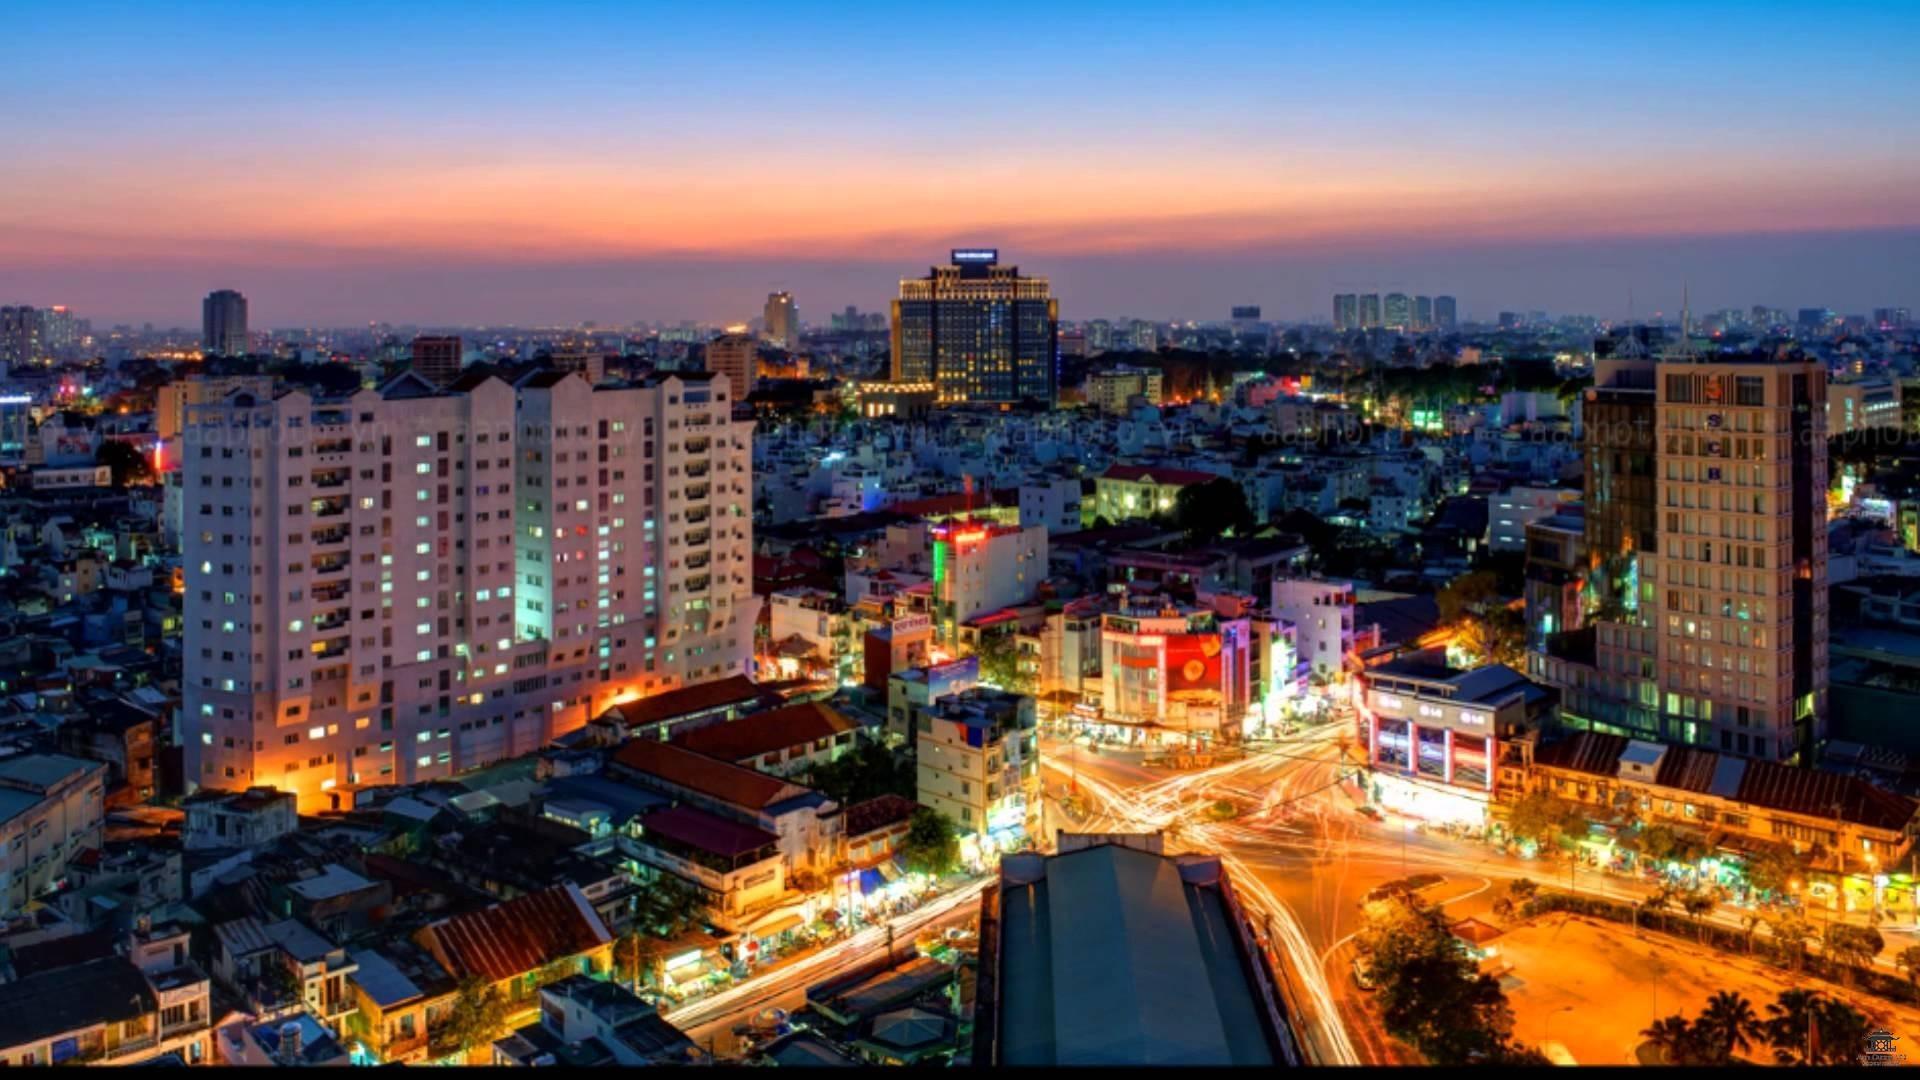 Касым-Жомарт Токаев назначил послов Казахстана во Вьетнаме, Султанате Оман, Индонезии и Финляндии